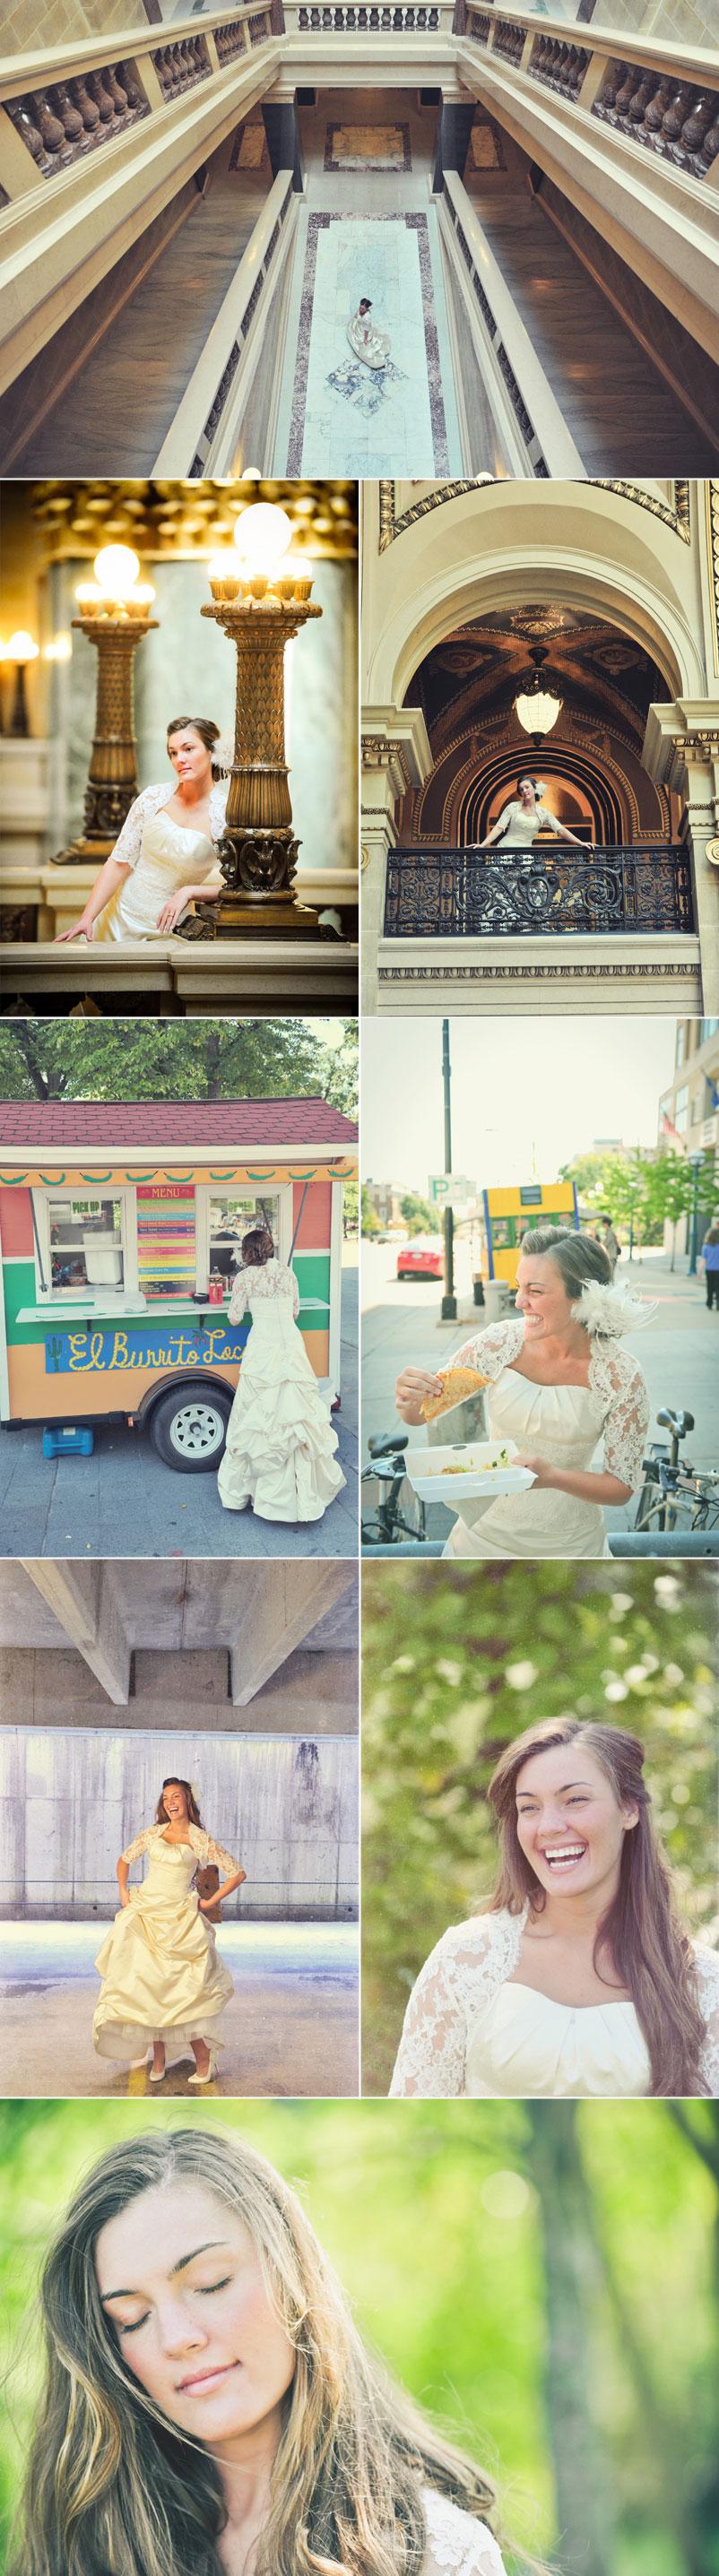 chicagoland wedding photographer, aurora illinois wedding photographer, illinois wedding photographer, madison wisconsin wedding photographer